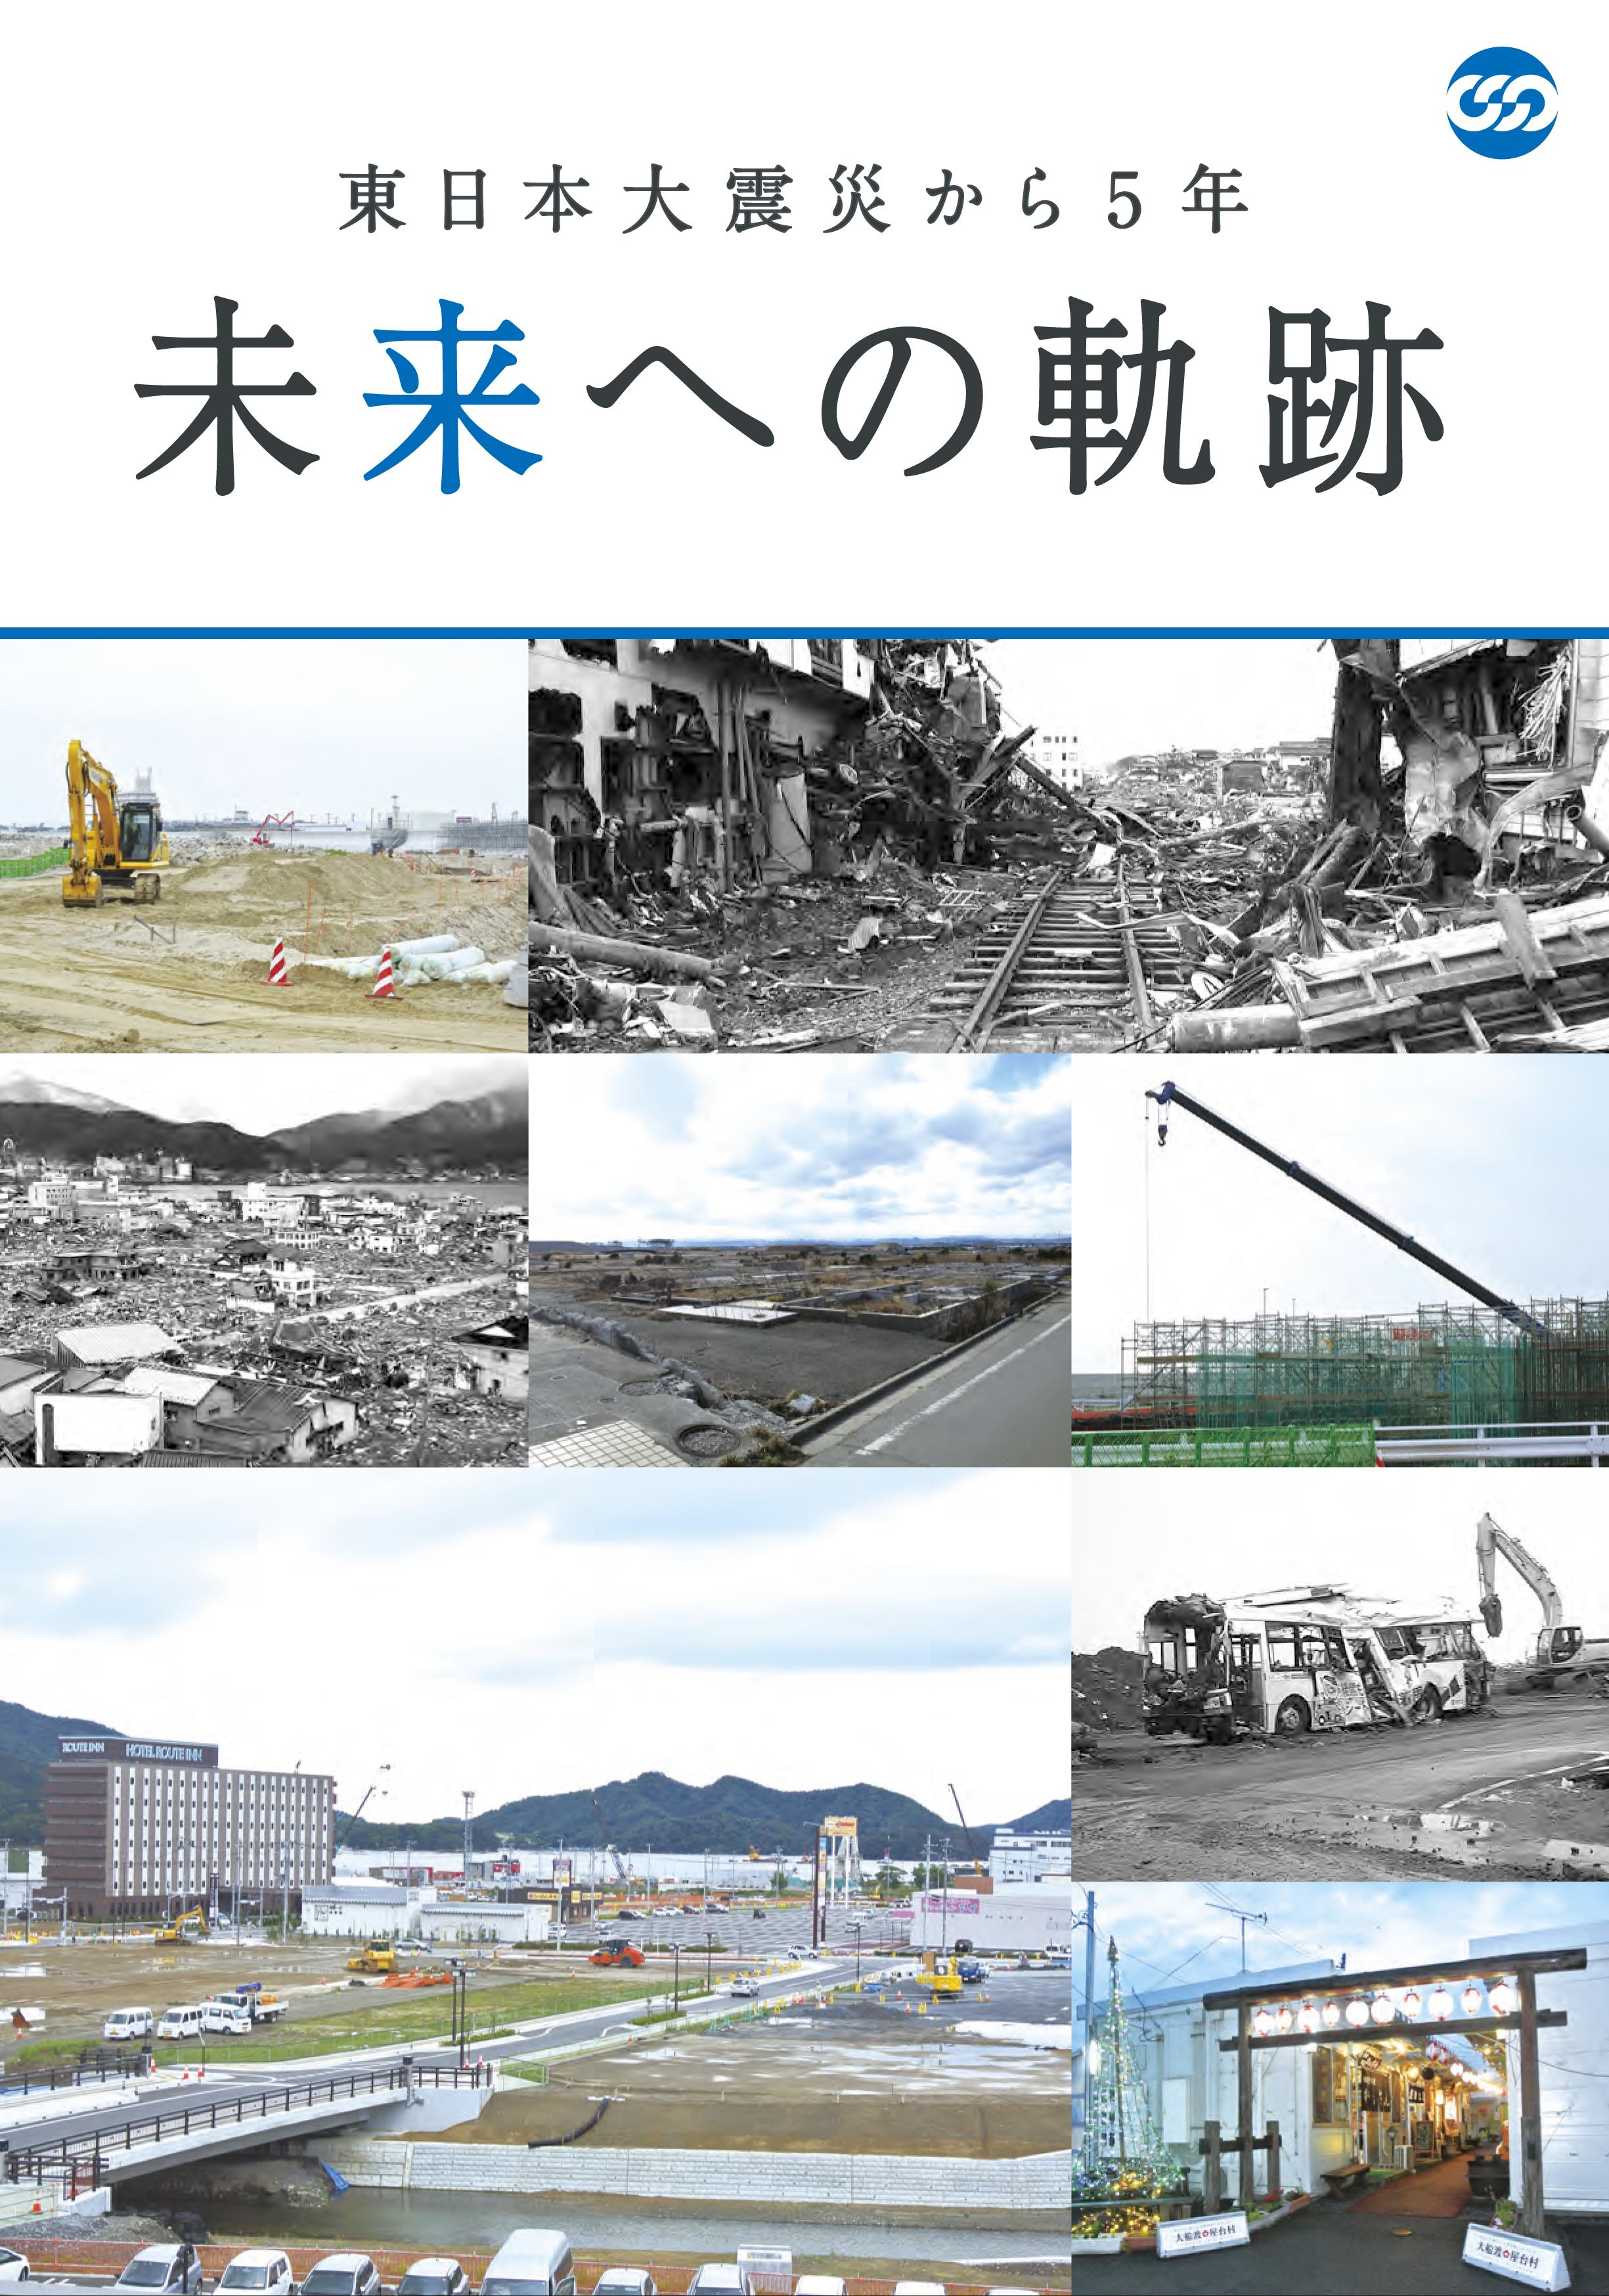 こちらの記事は日本労働組合総連合会が企画・編集する「月刊連合 2017年3月号」に掲載された記事をWeb用に編集したものです。「月刊連合」の定期購読や電子書籍での